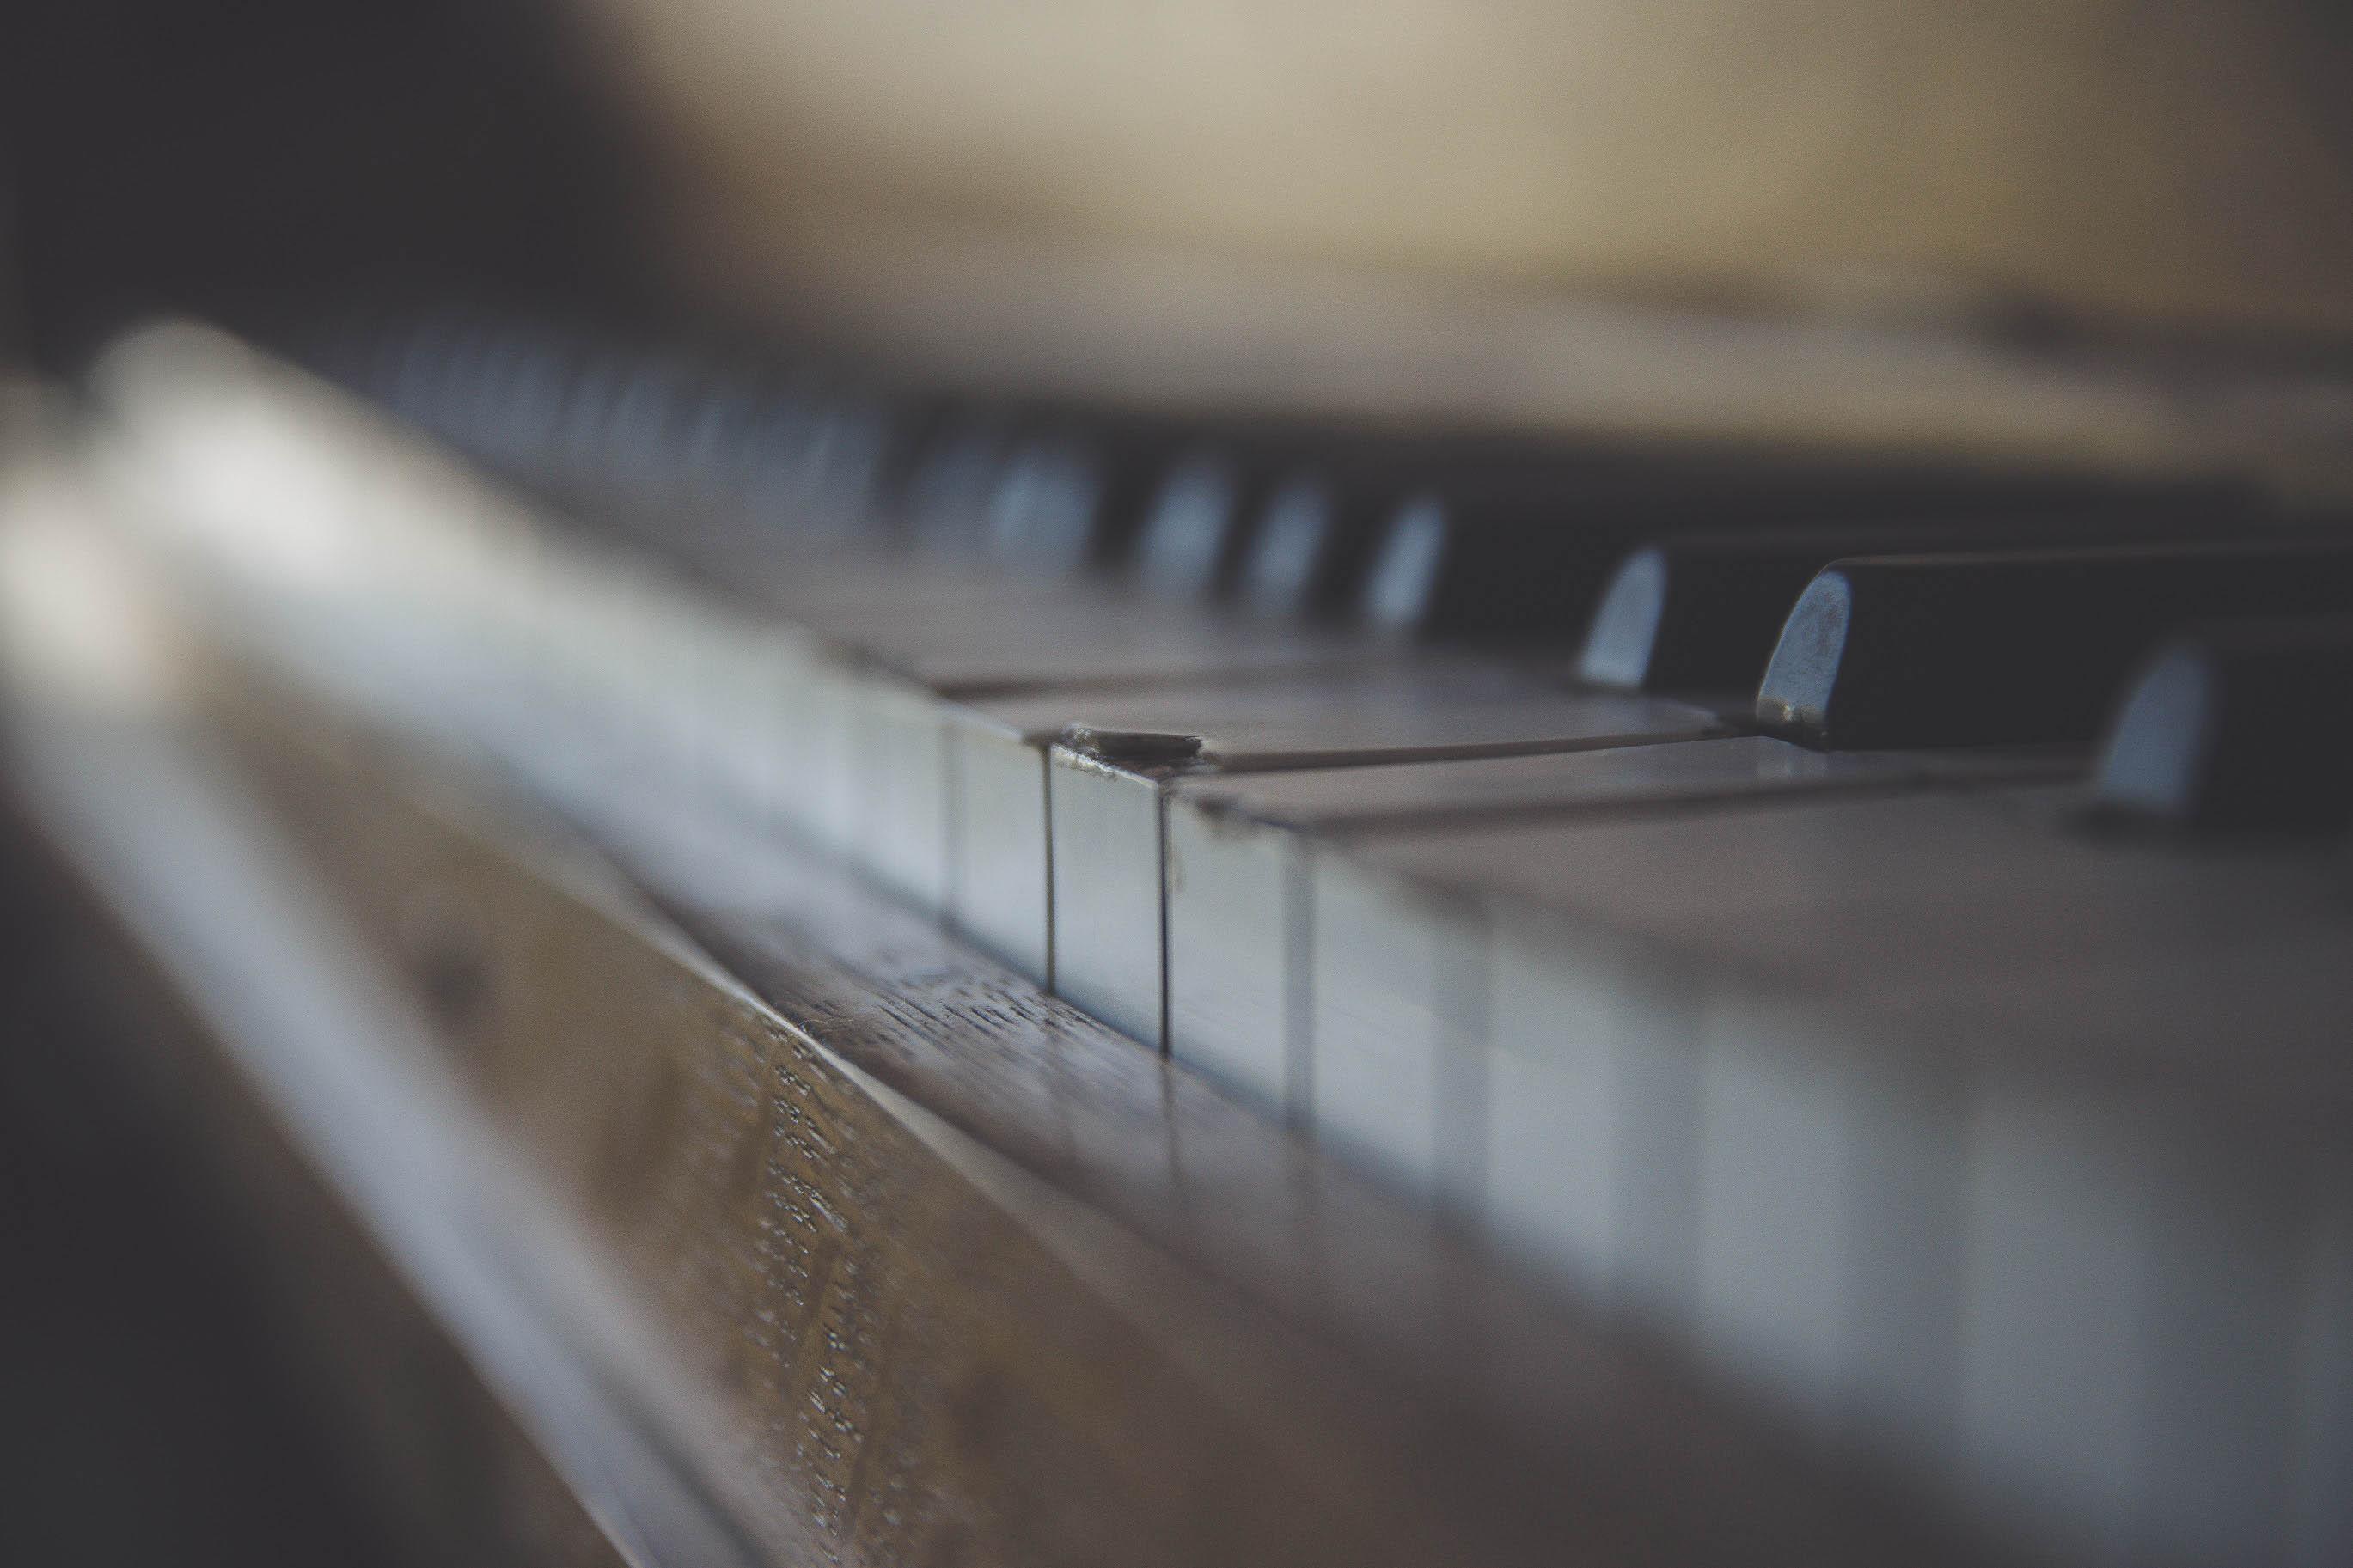 ימתיכוני /// ריאיון עם הפסנתרן עומר קליין לקראת הופעתו בארץ ואלבומו החדש